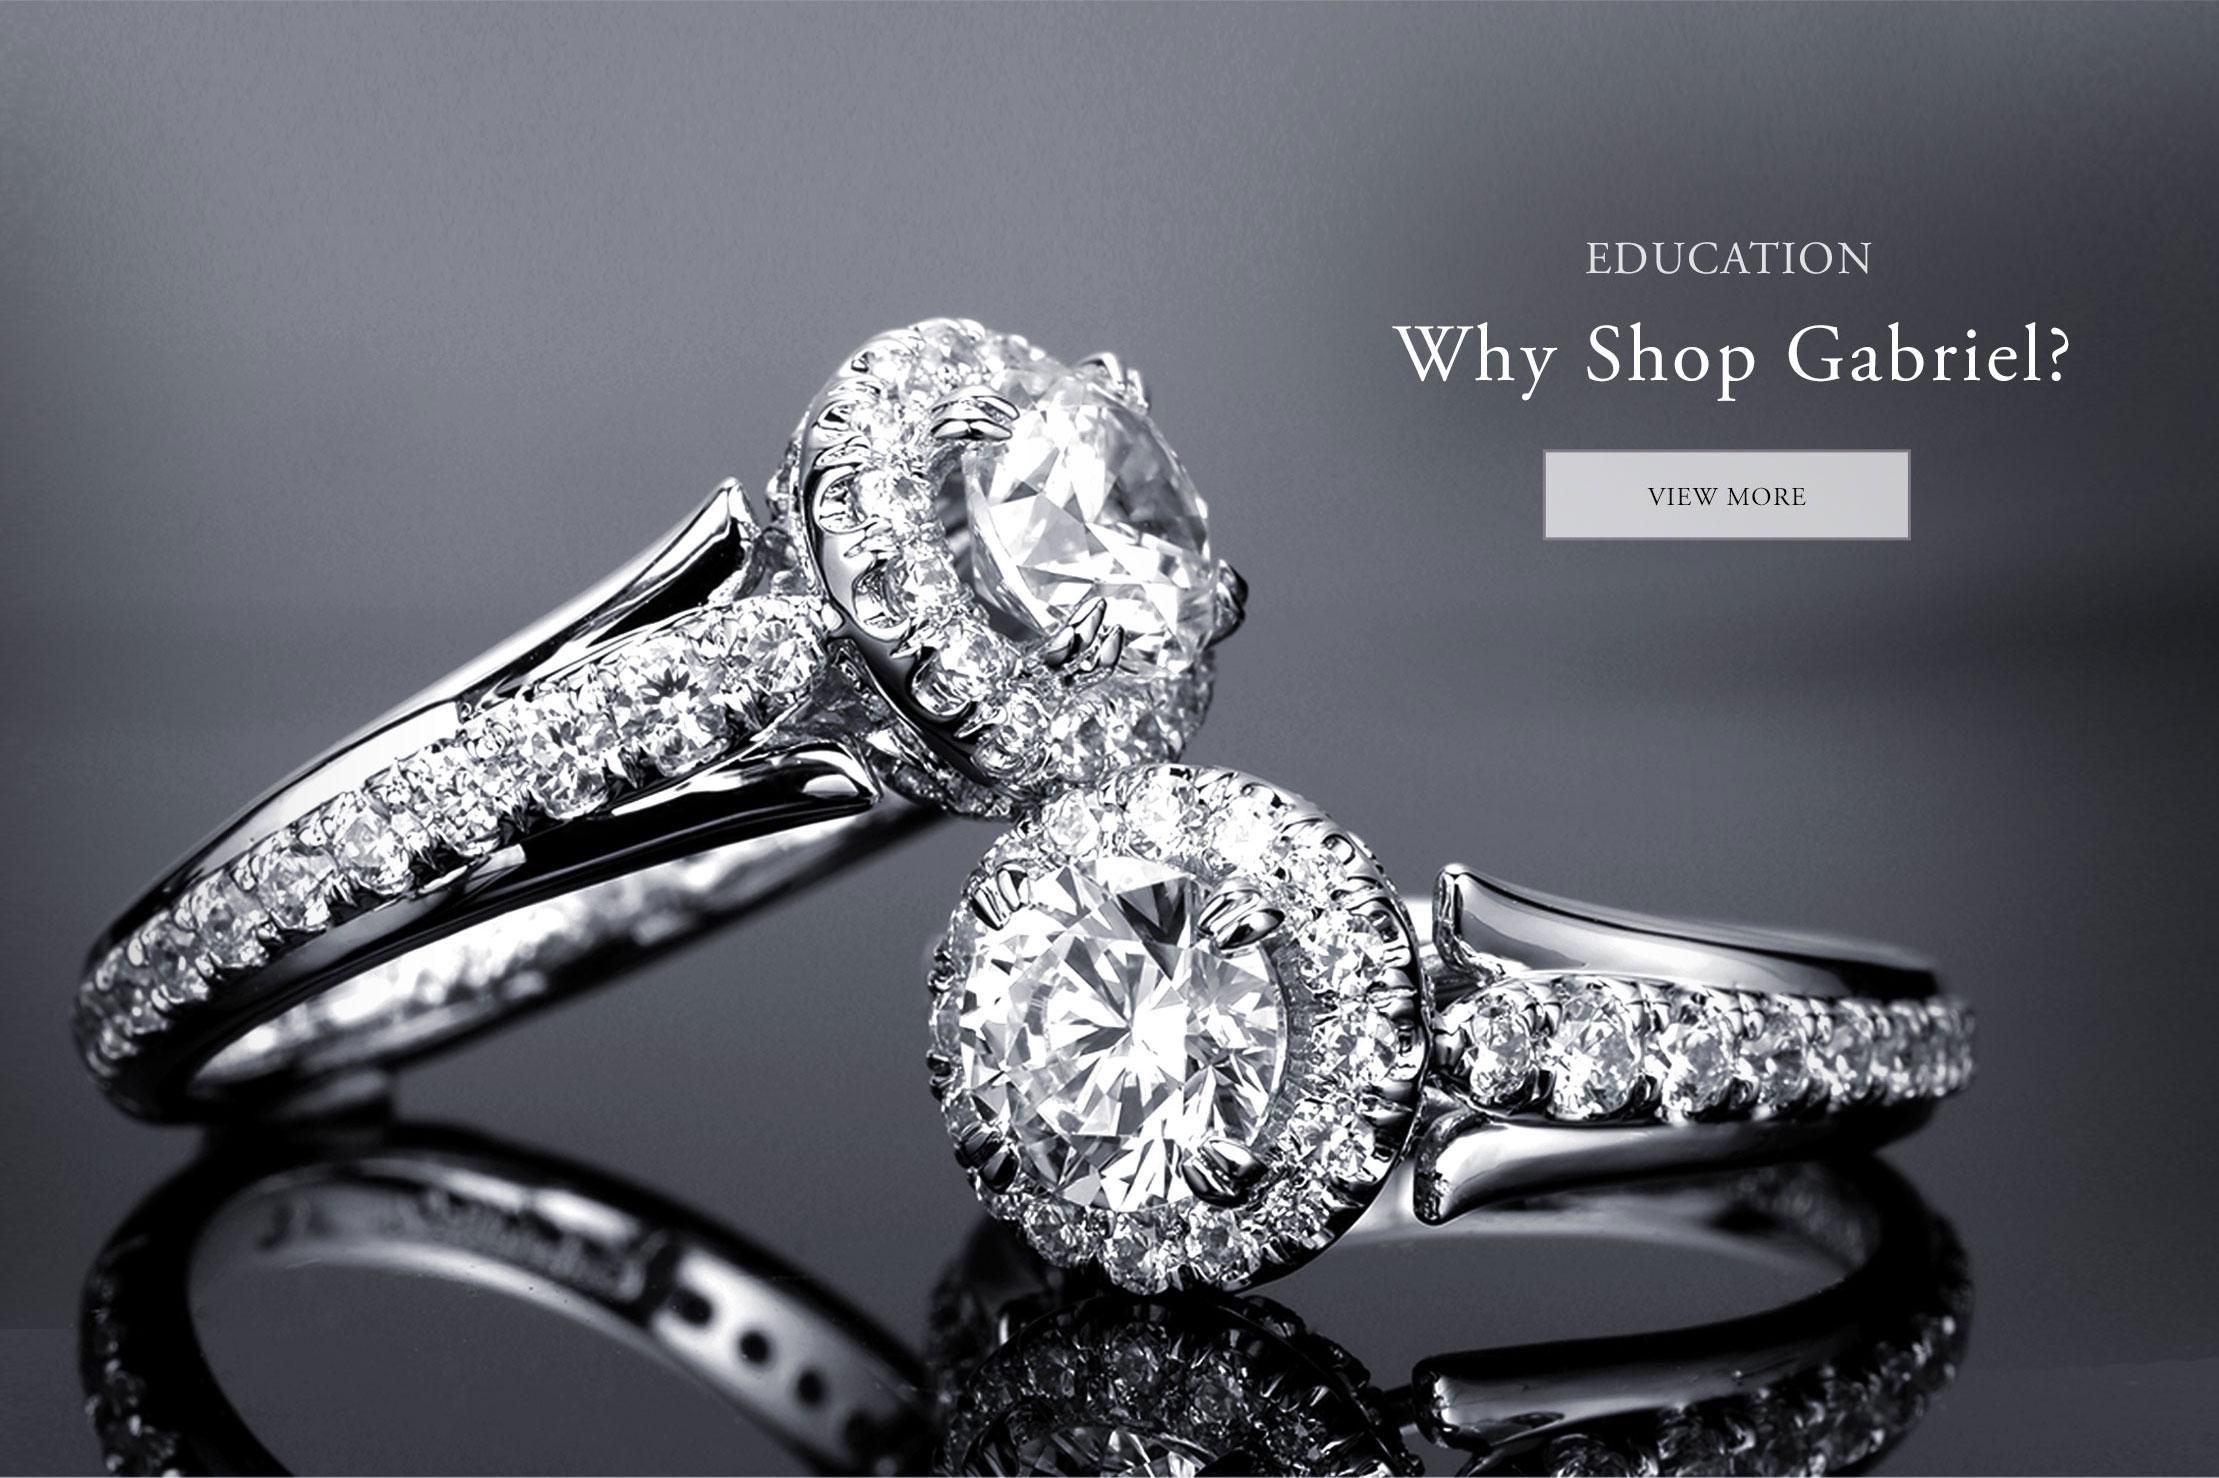 Why Shop Gabriel